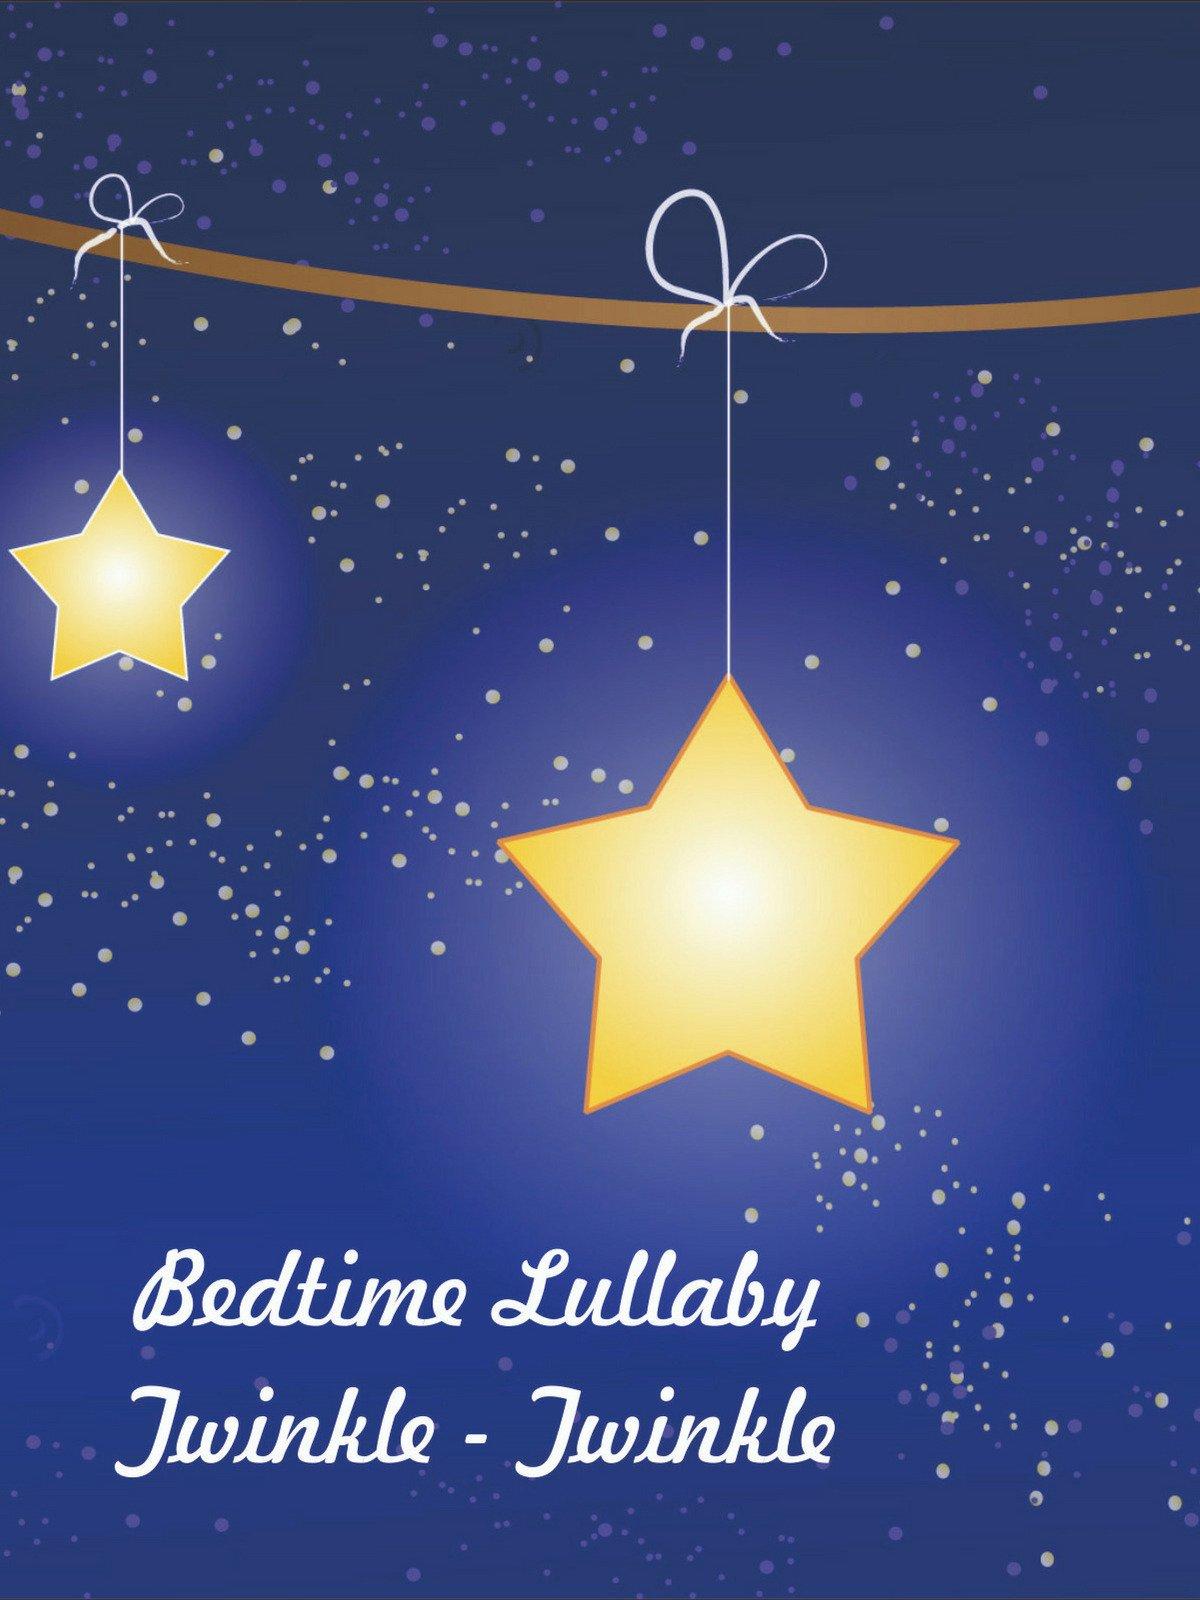 Bedtime Lullaby -Twinkle Twinkle